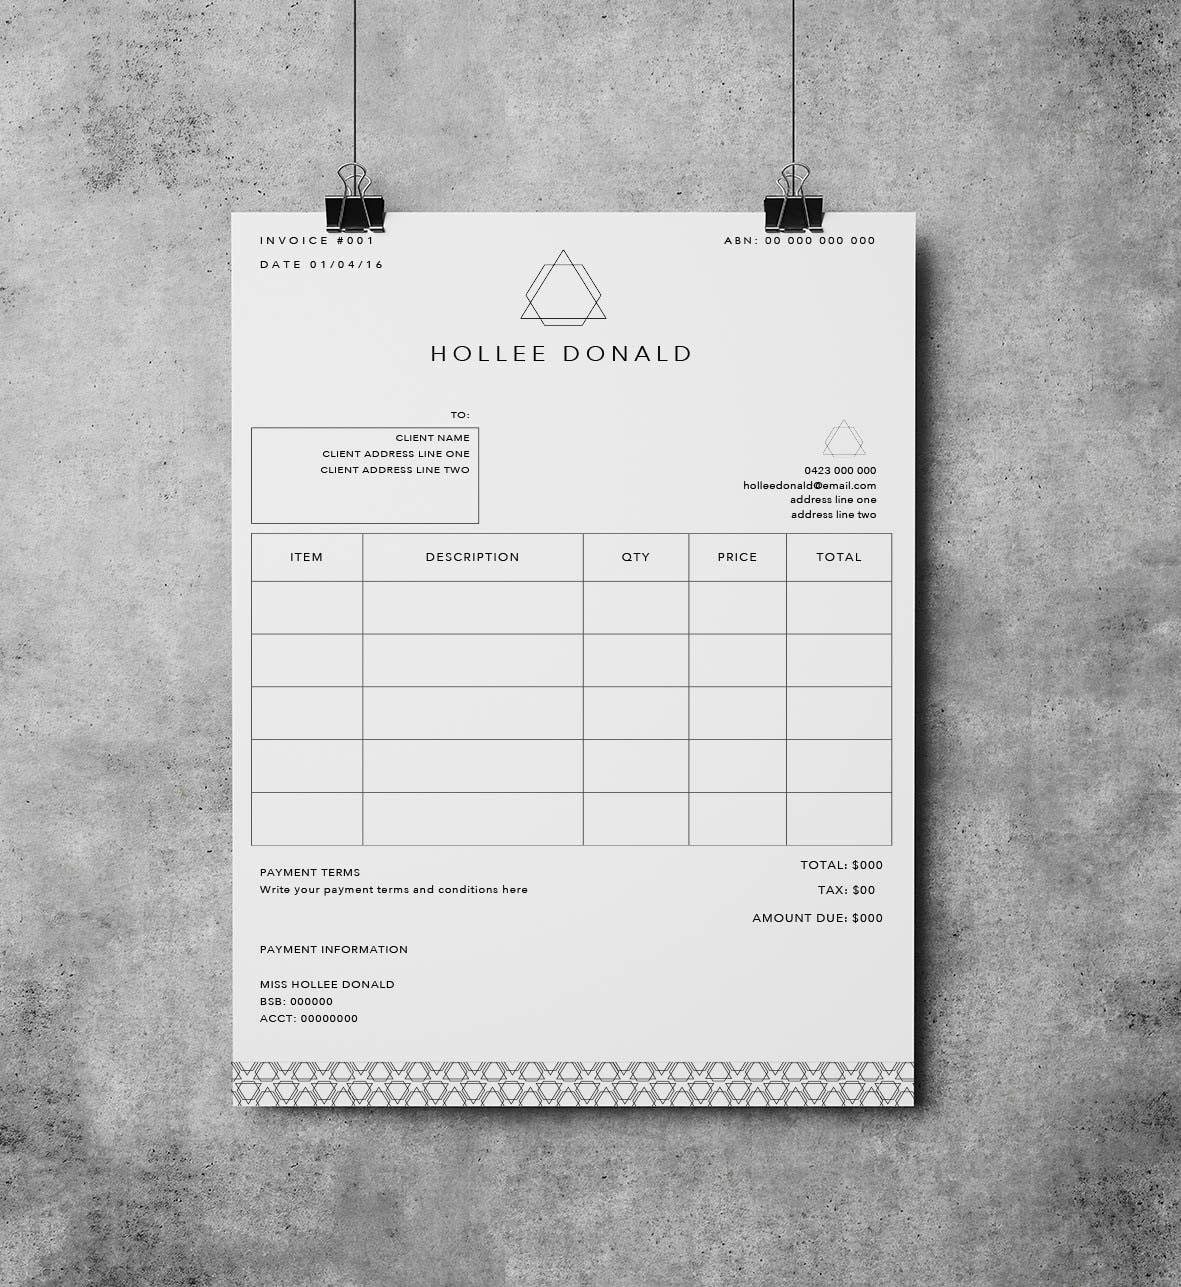 Plantilla de factura Recibo plantilla Descarga inmediata | Etsy